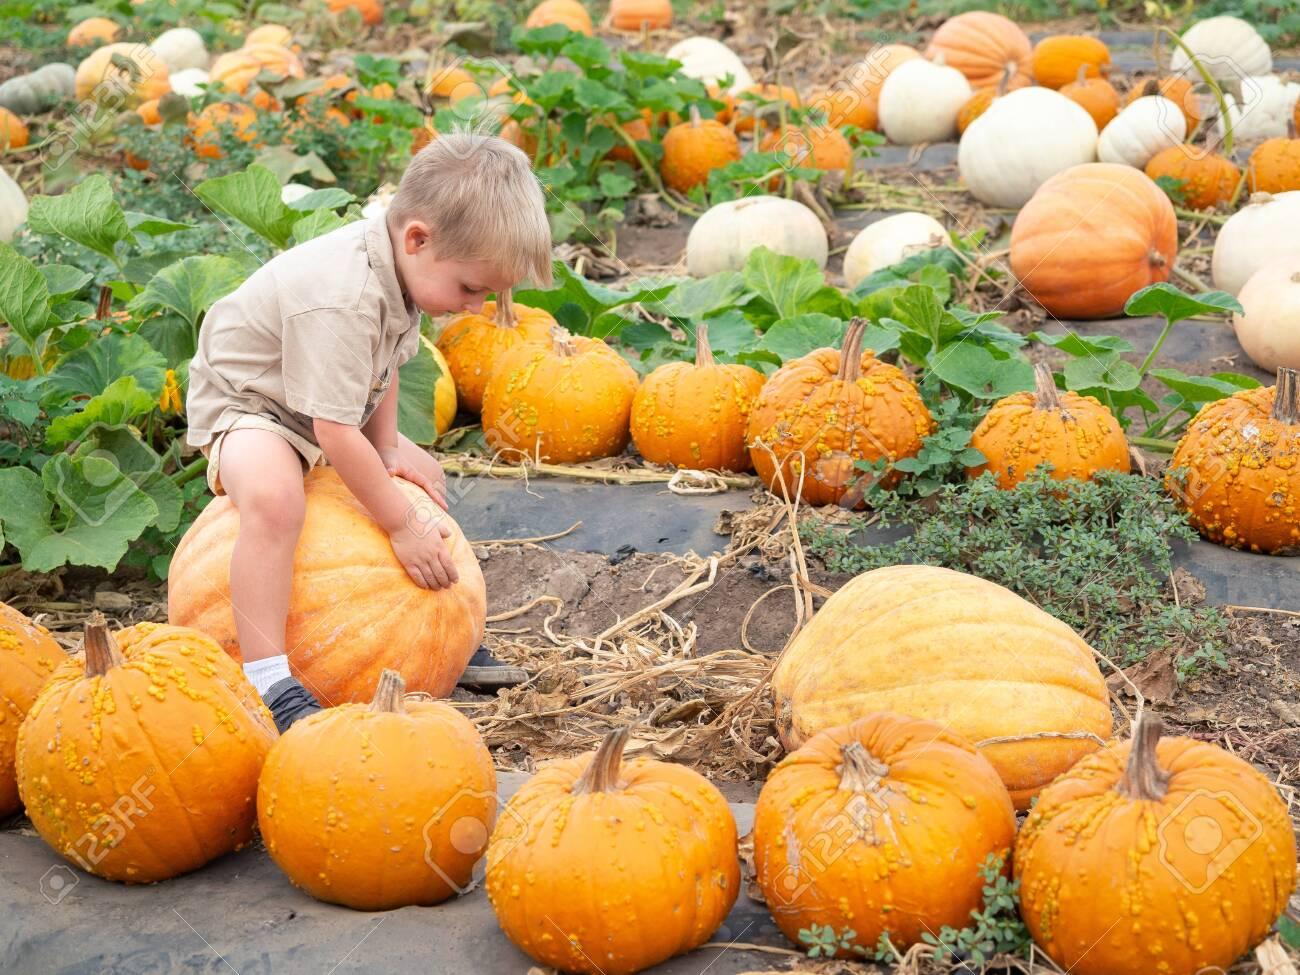 Little boy sitting on big pumpkin on farm patch - 115343931